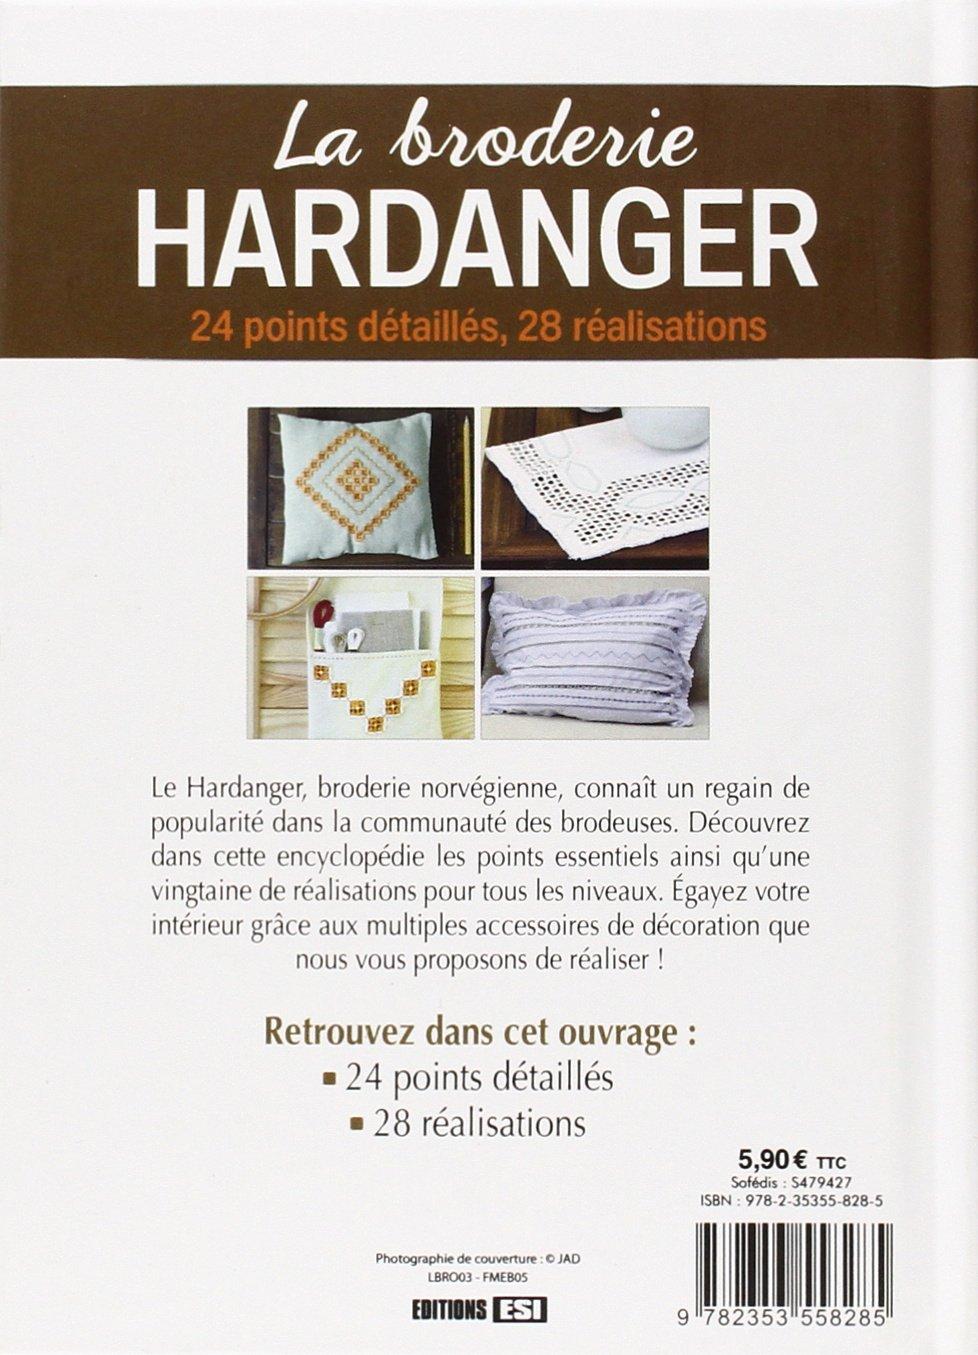 Broderie hardanger la 24 points detailles, 28 réalisation* Passions ...